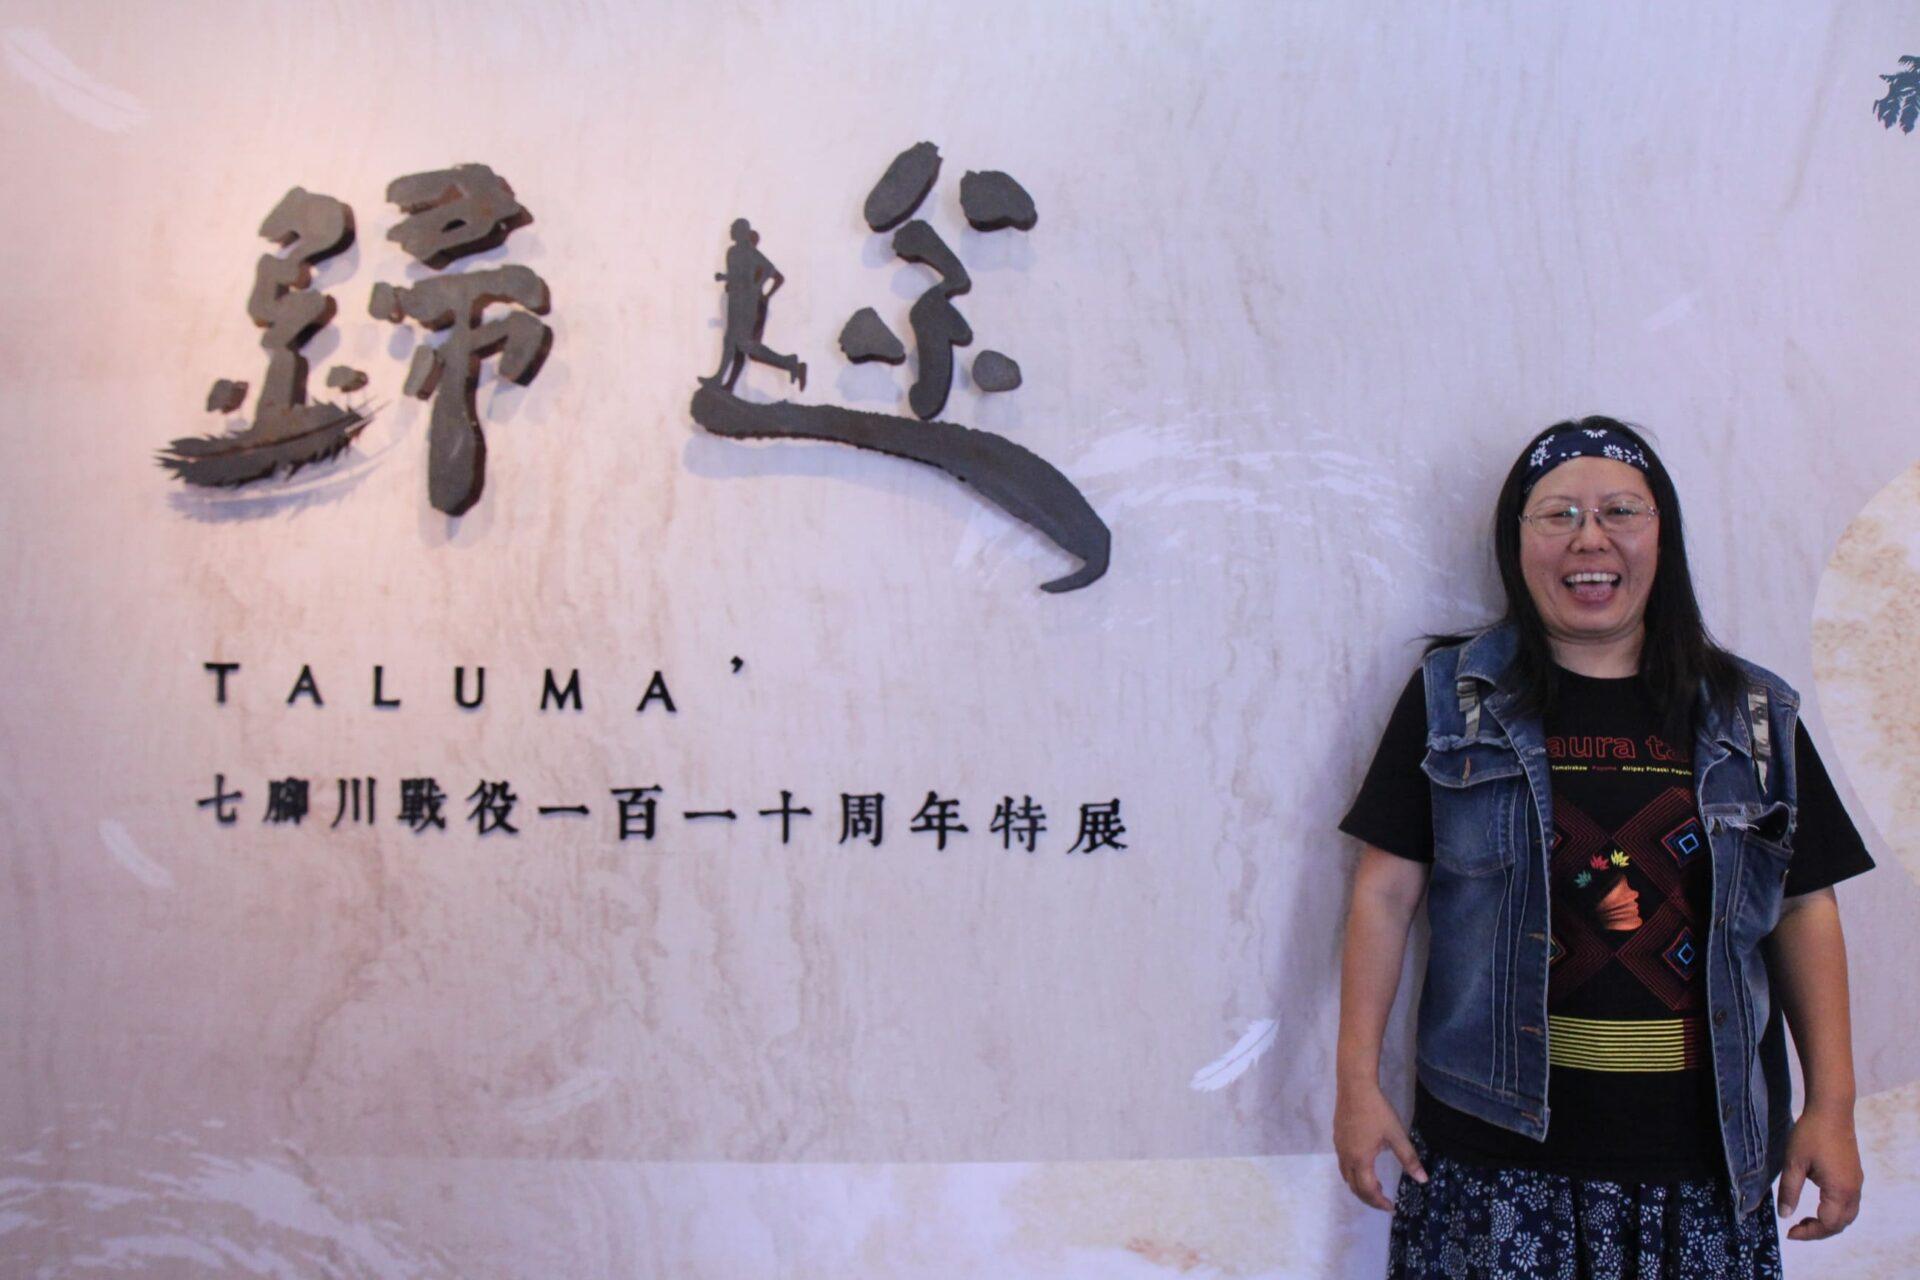 【博物之島專文】博物館如何與部落合作辦展?林頌恩談與部落共事的義氣之道!